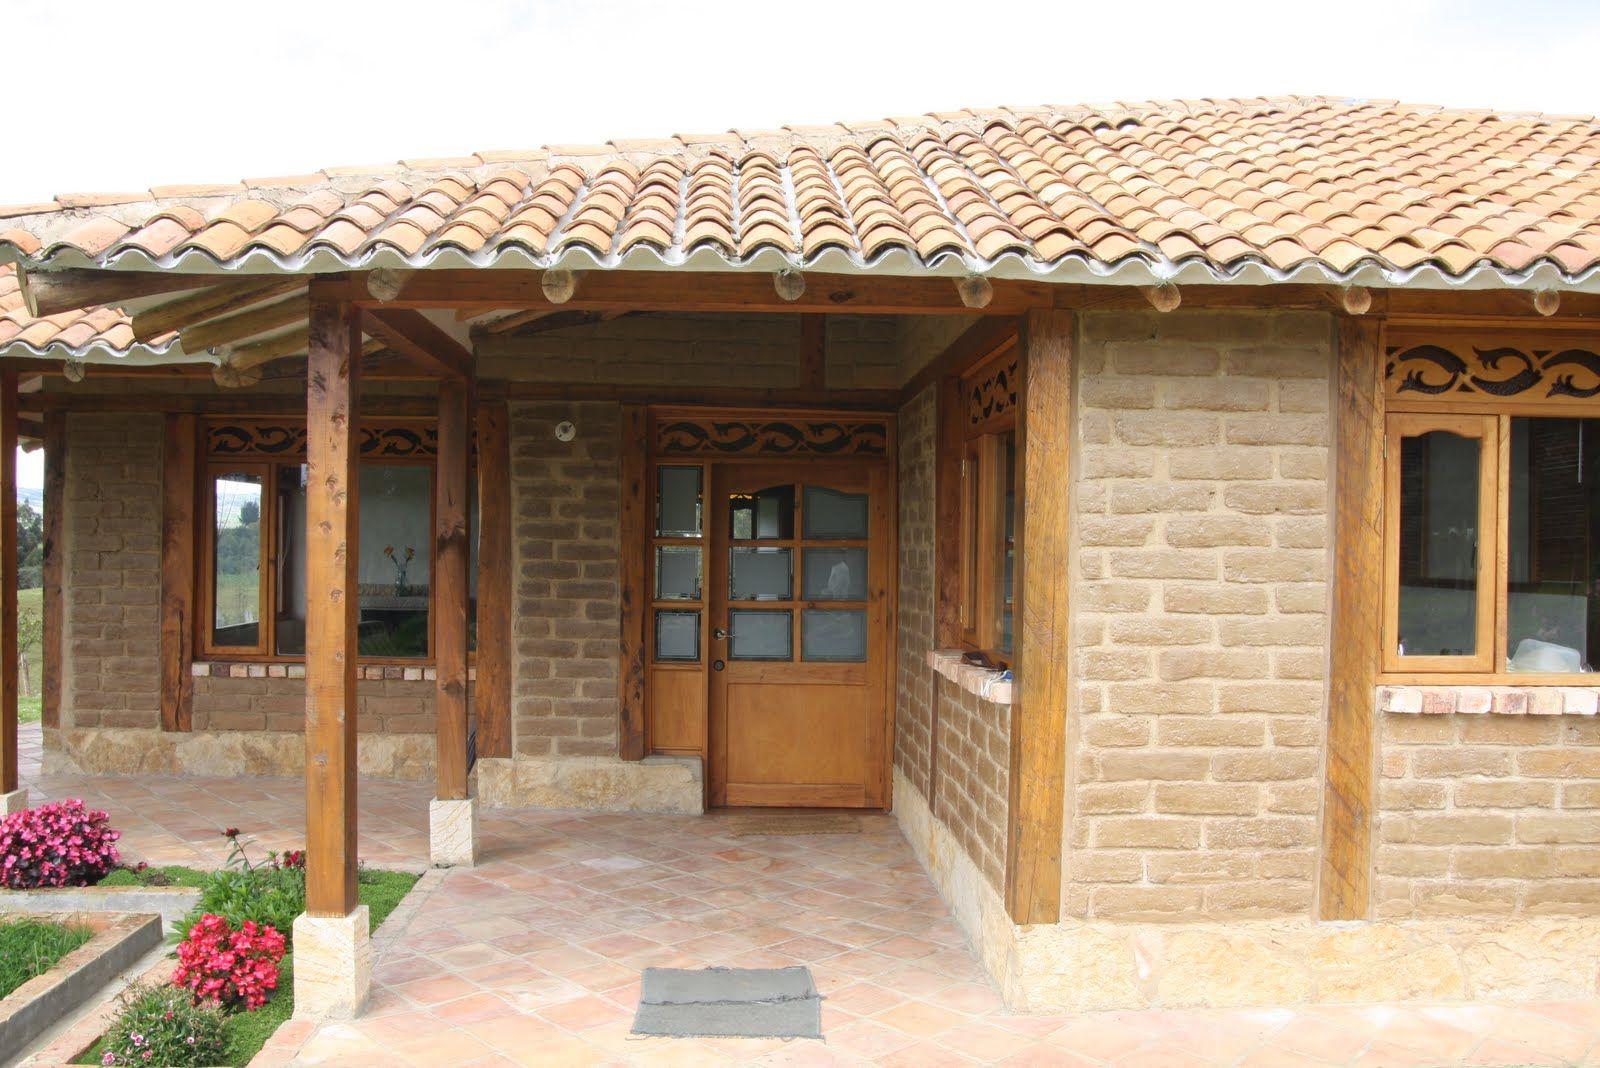 Casas De Adobe Buscar Con Google Com Imagens Planta De Moradia Casas Celeiro Casas De Tijolo Ecologico